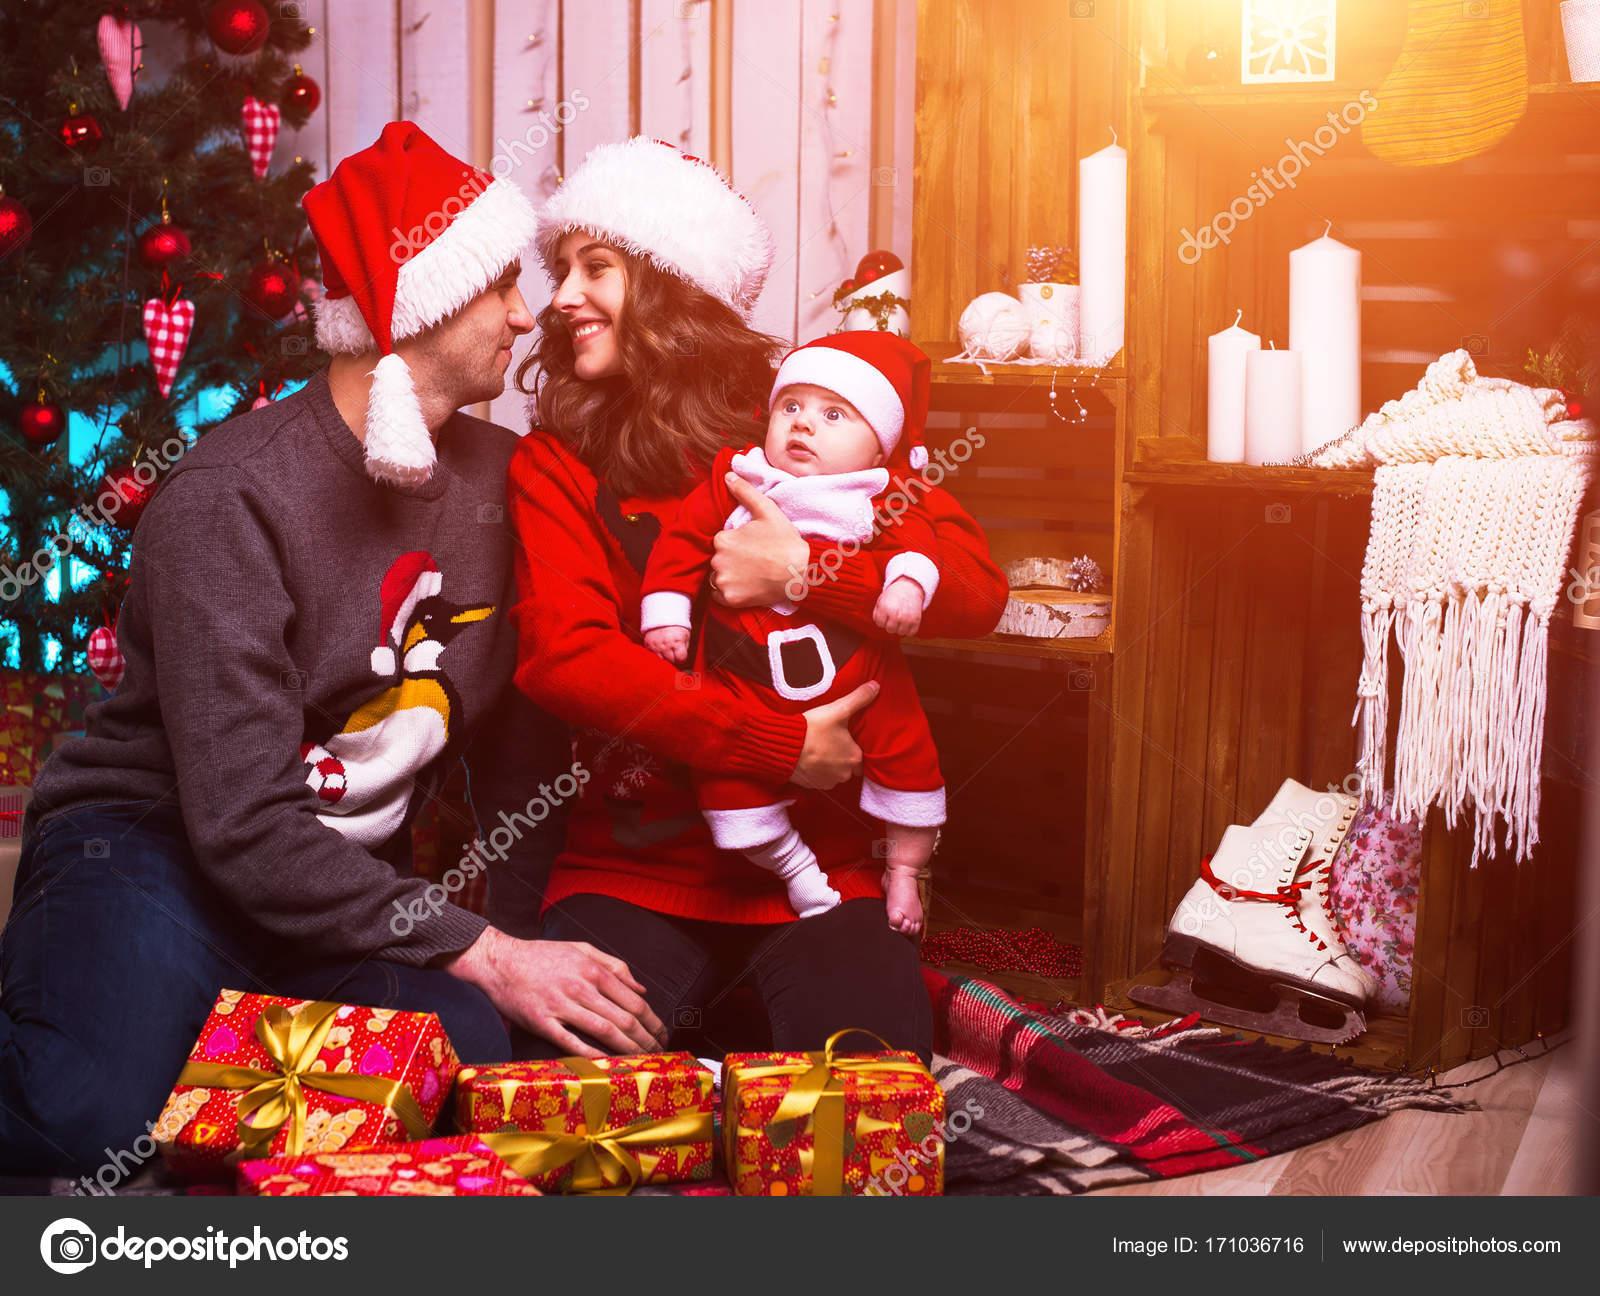 Decorazioni Sala Capodanno : Famiglia nella sala decorata vigilia di capodanno u foto stock